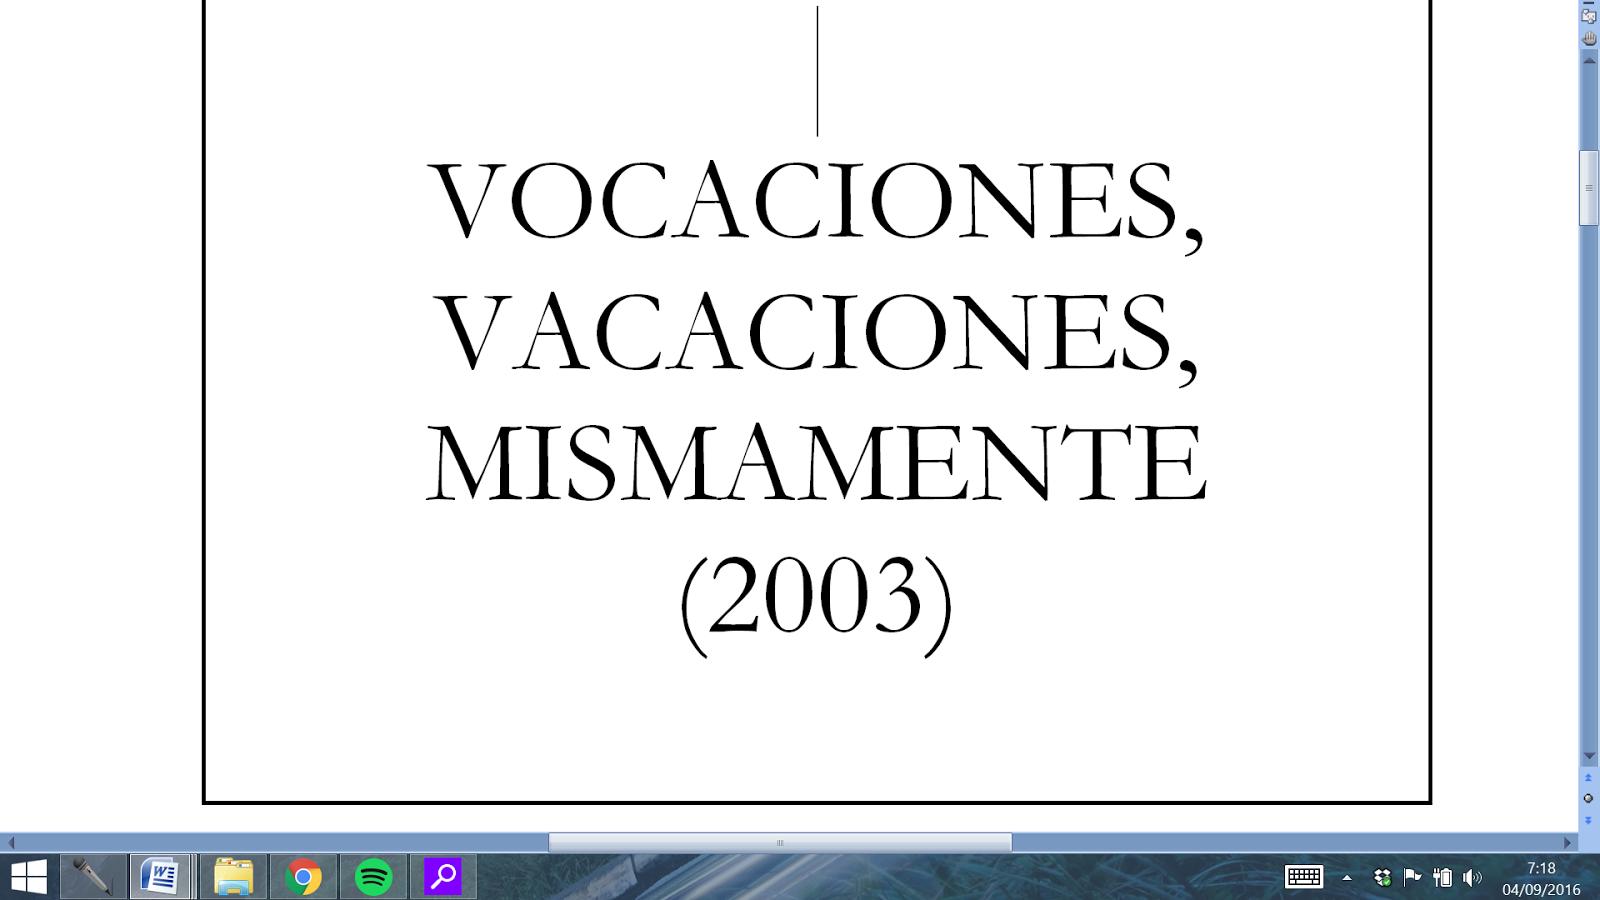 VOCACIONES, VACACIONES, MISMAMENTE. (2003) | daniel lebrato / página ...